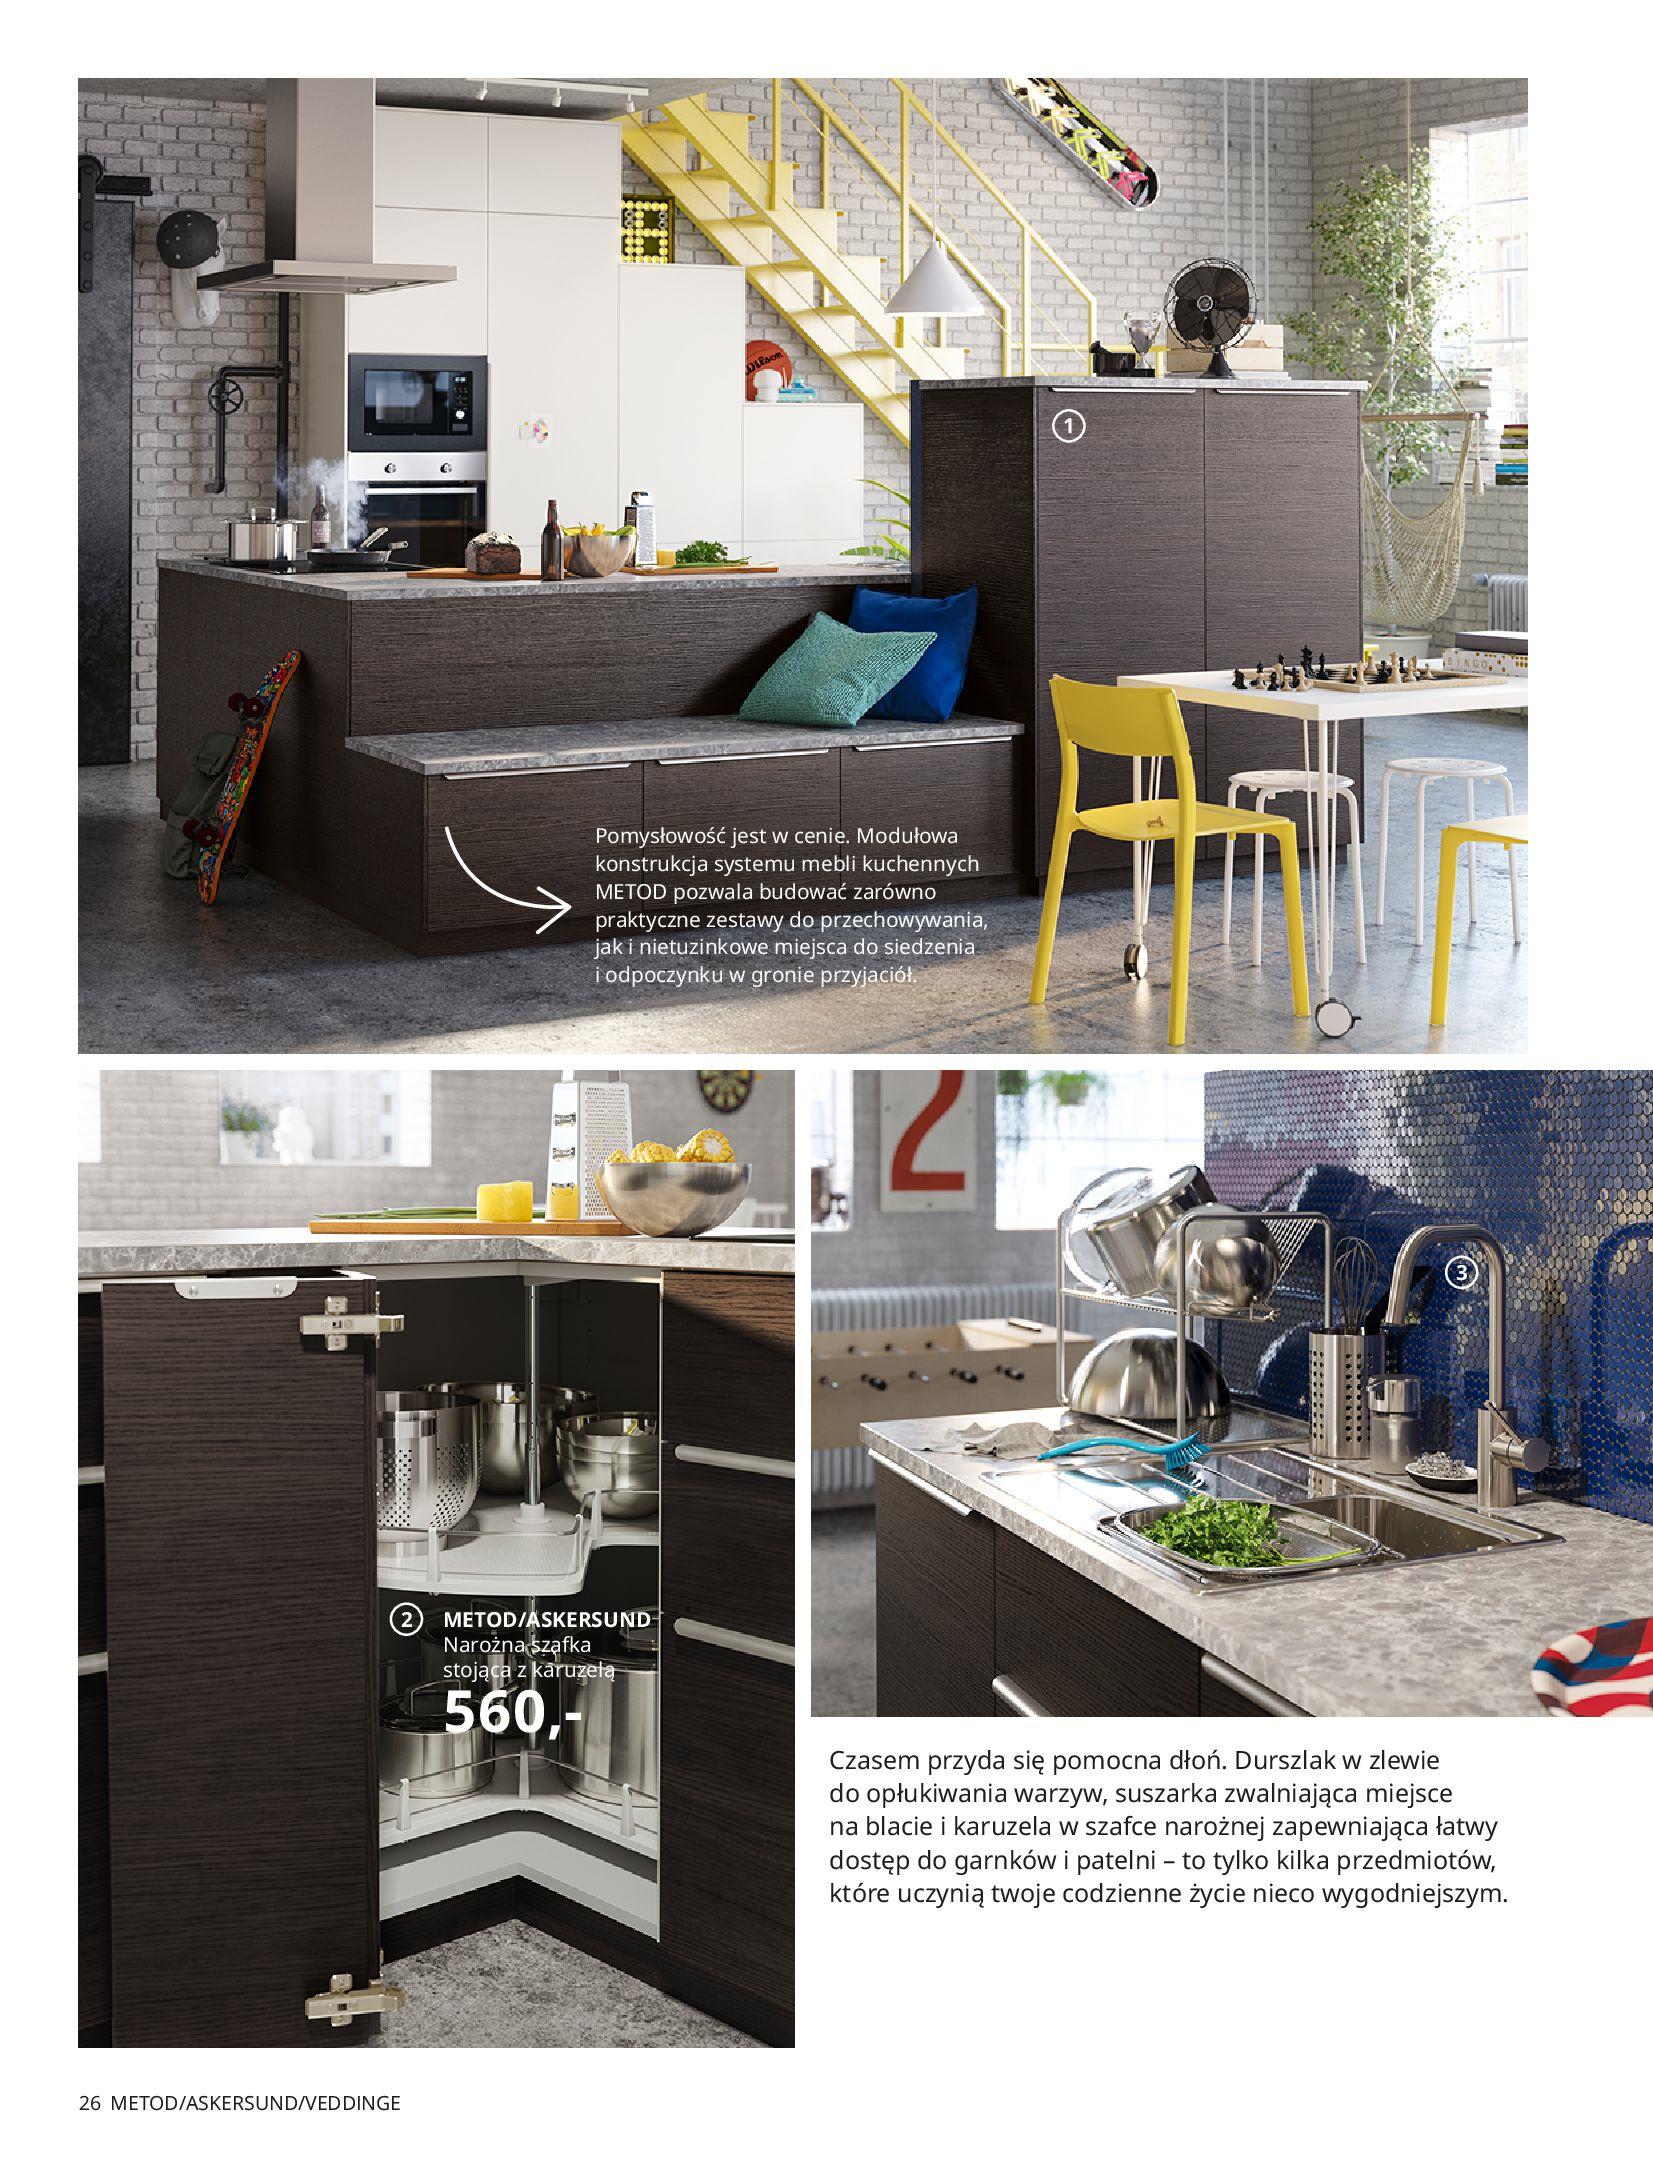 Gazetka IKEA: KUCHNIE 2021 2021-01-13 page-26